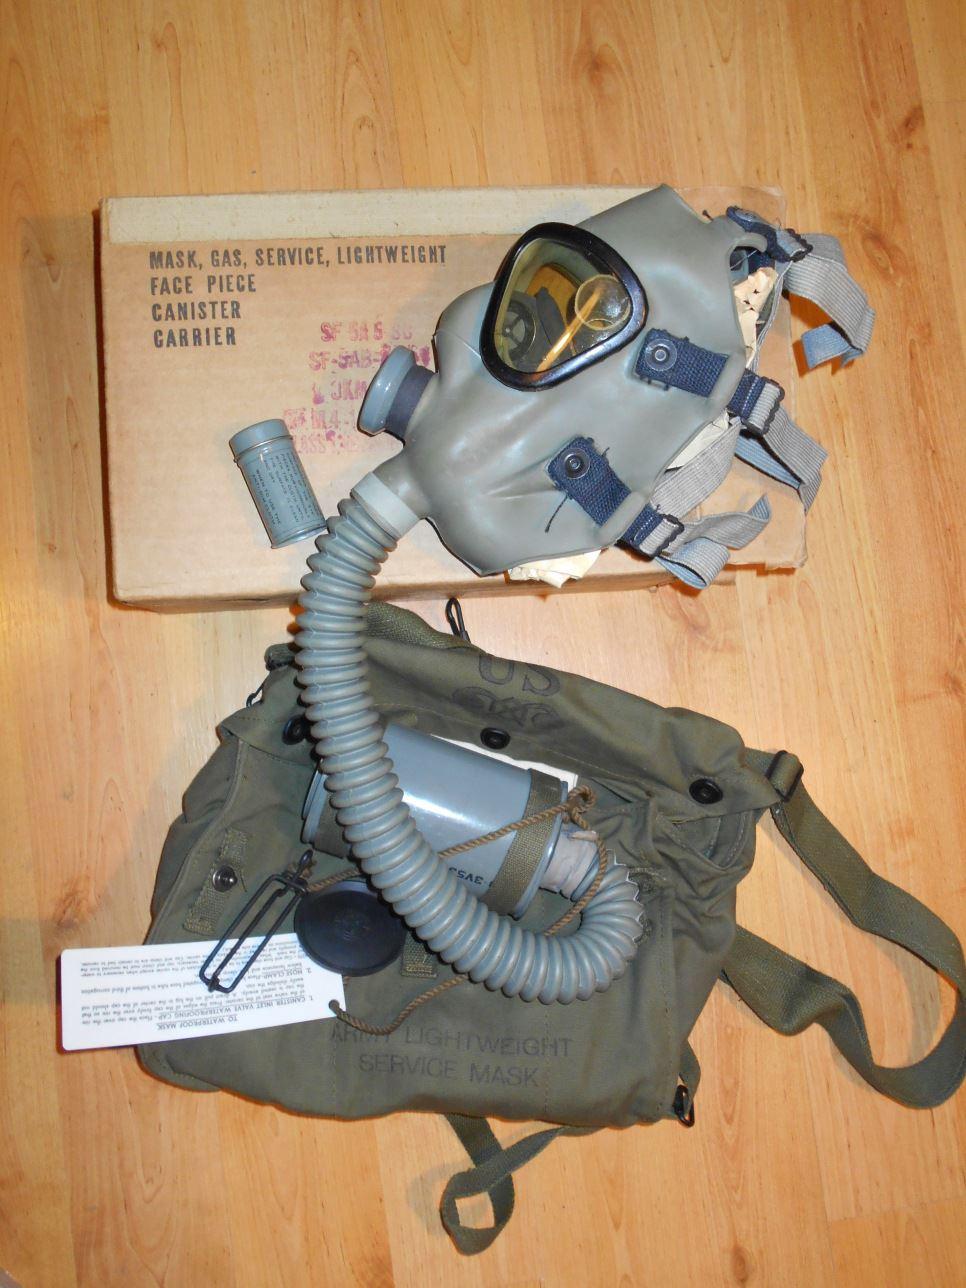 M4-10A1-6 Lightweight Service Mask